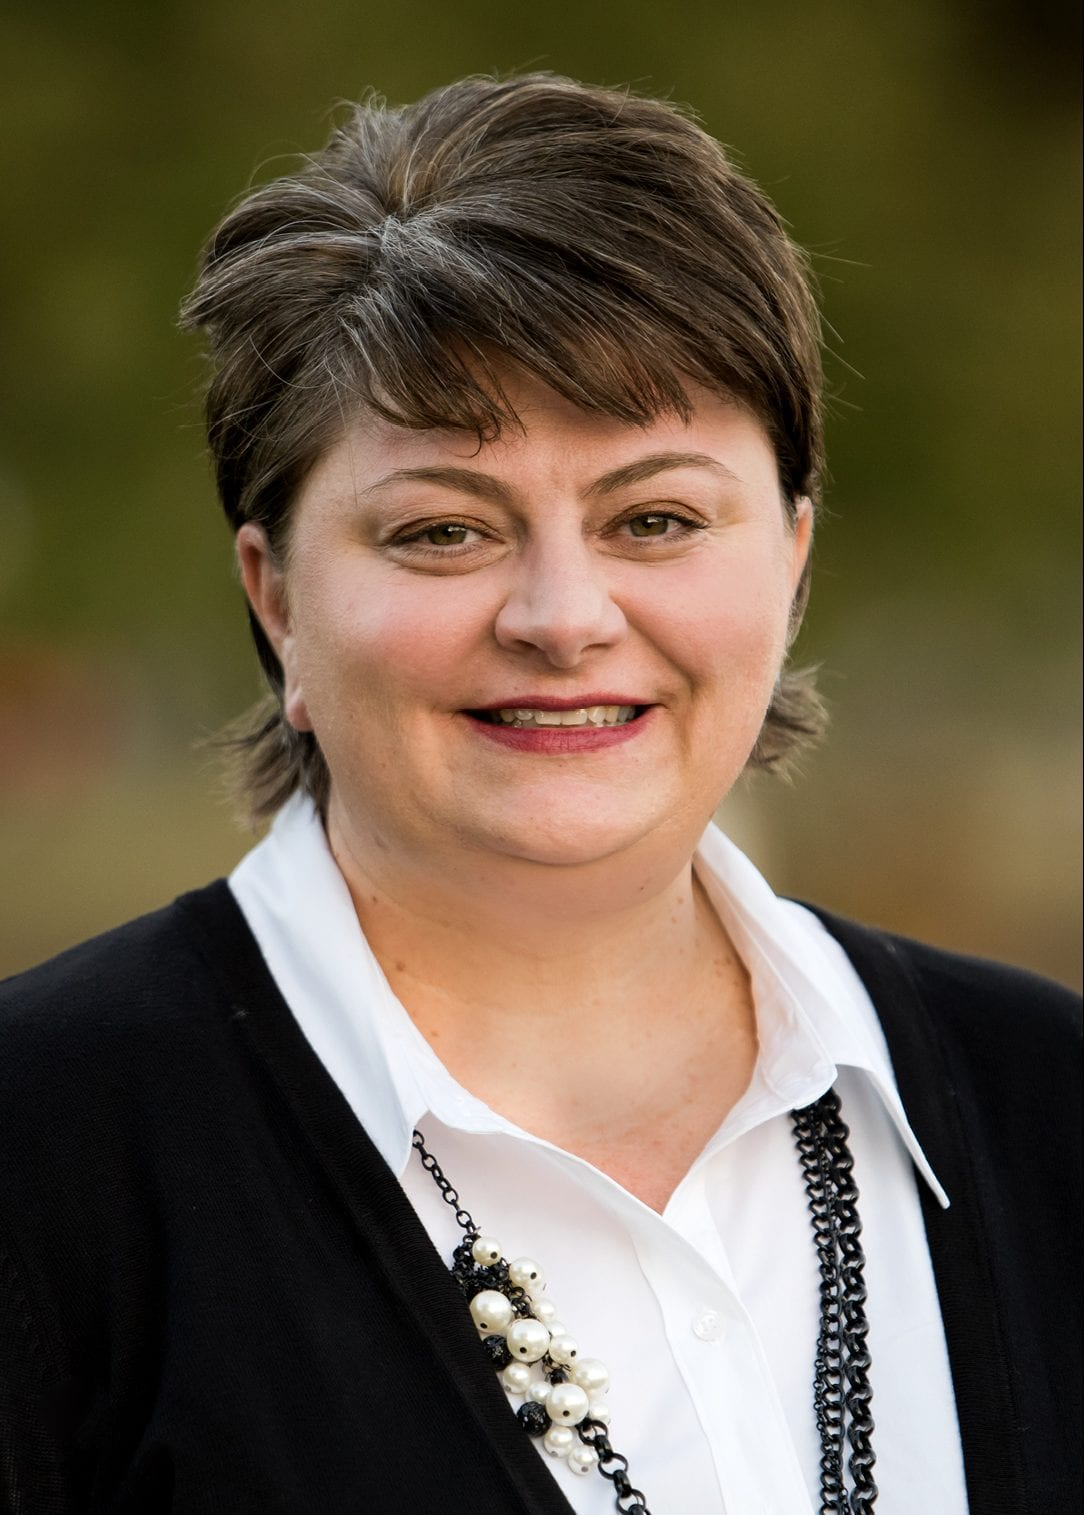 Tasha Ingram